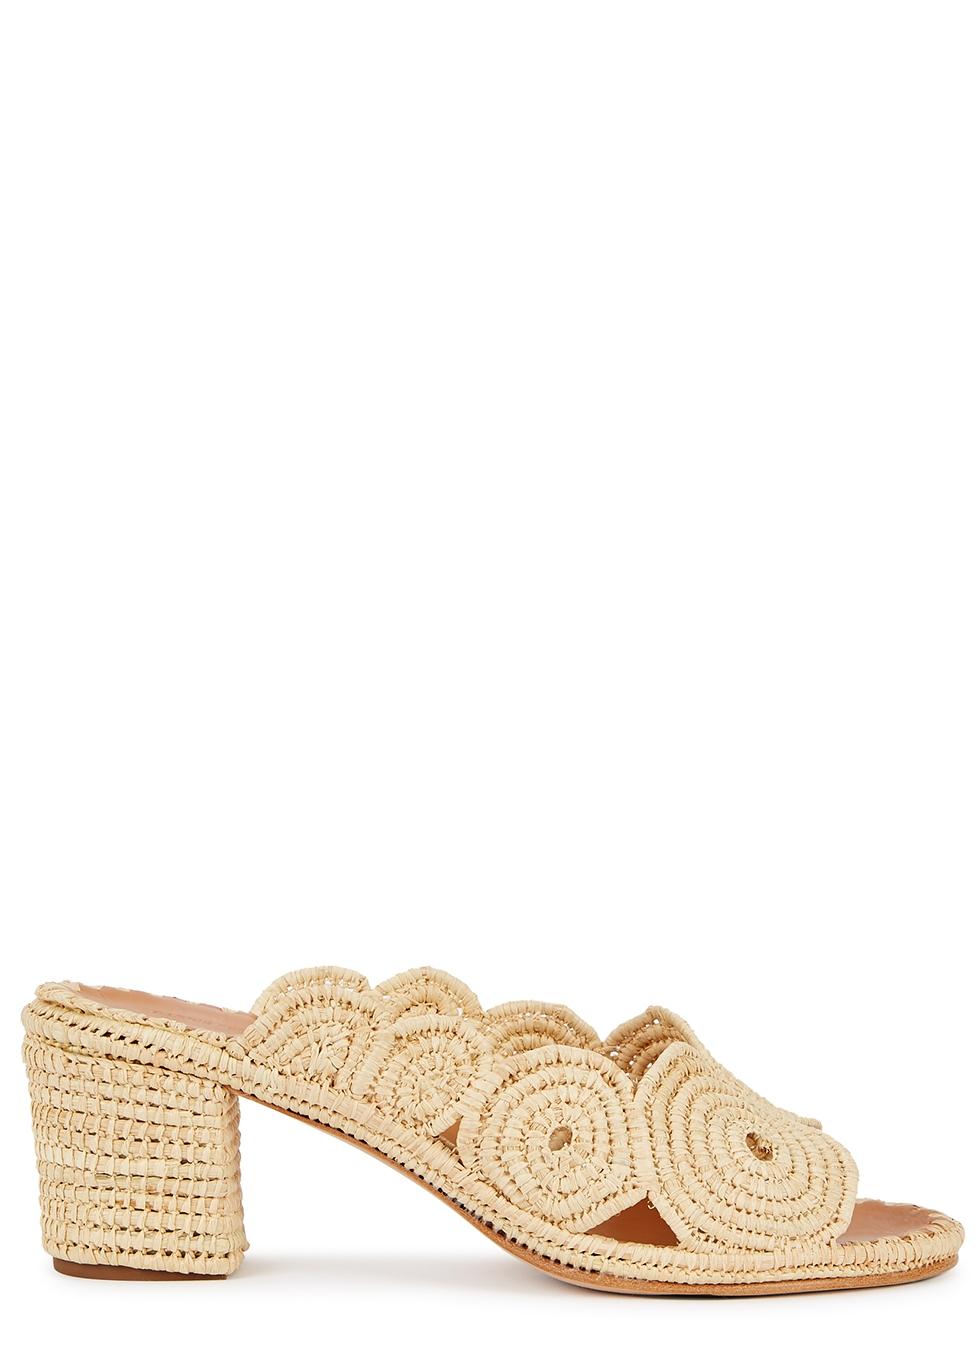 80f77e35f Women s Designer Shoes - Ladies Shoes - Harvey Nichols